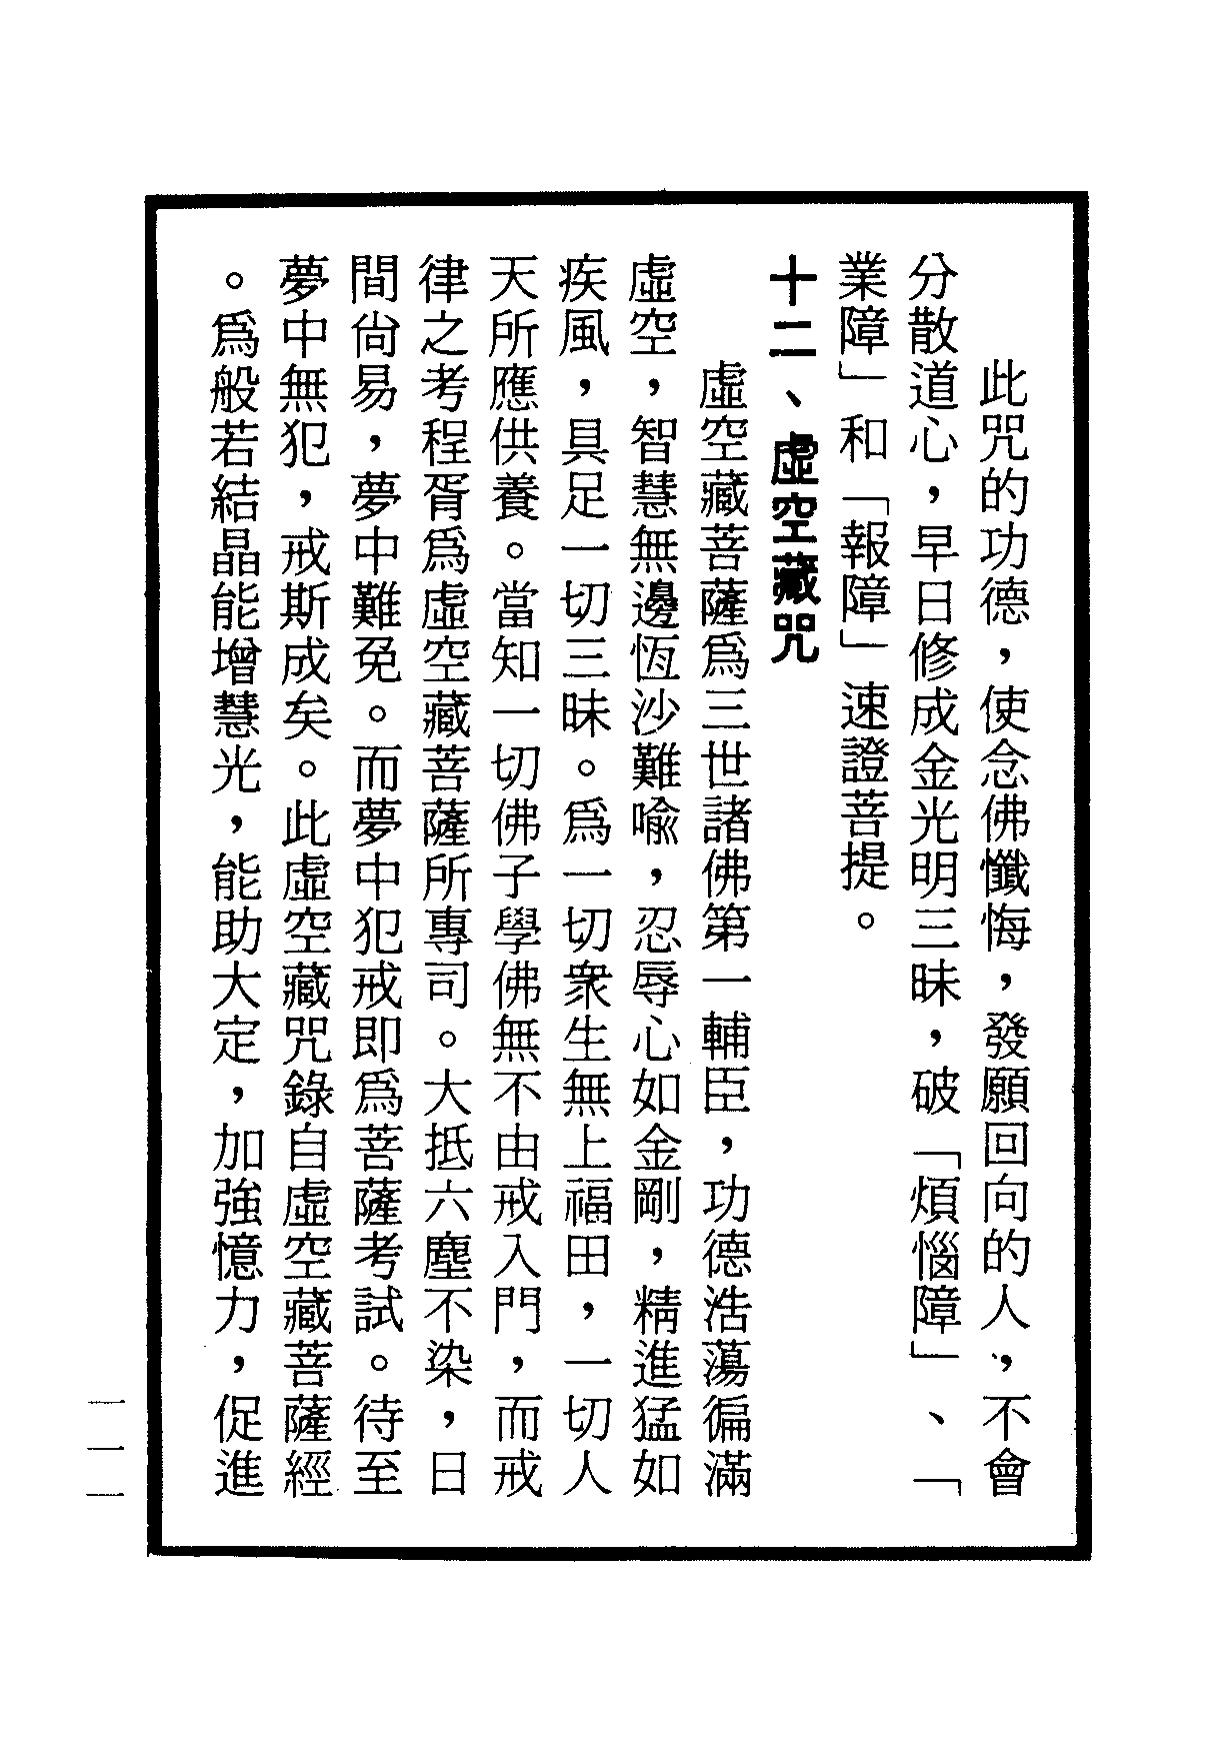 楞嚴咒-大悲咒-十小咒-易背本 117.png